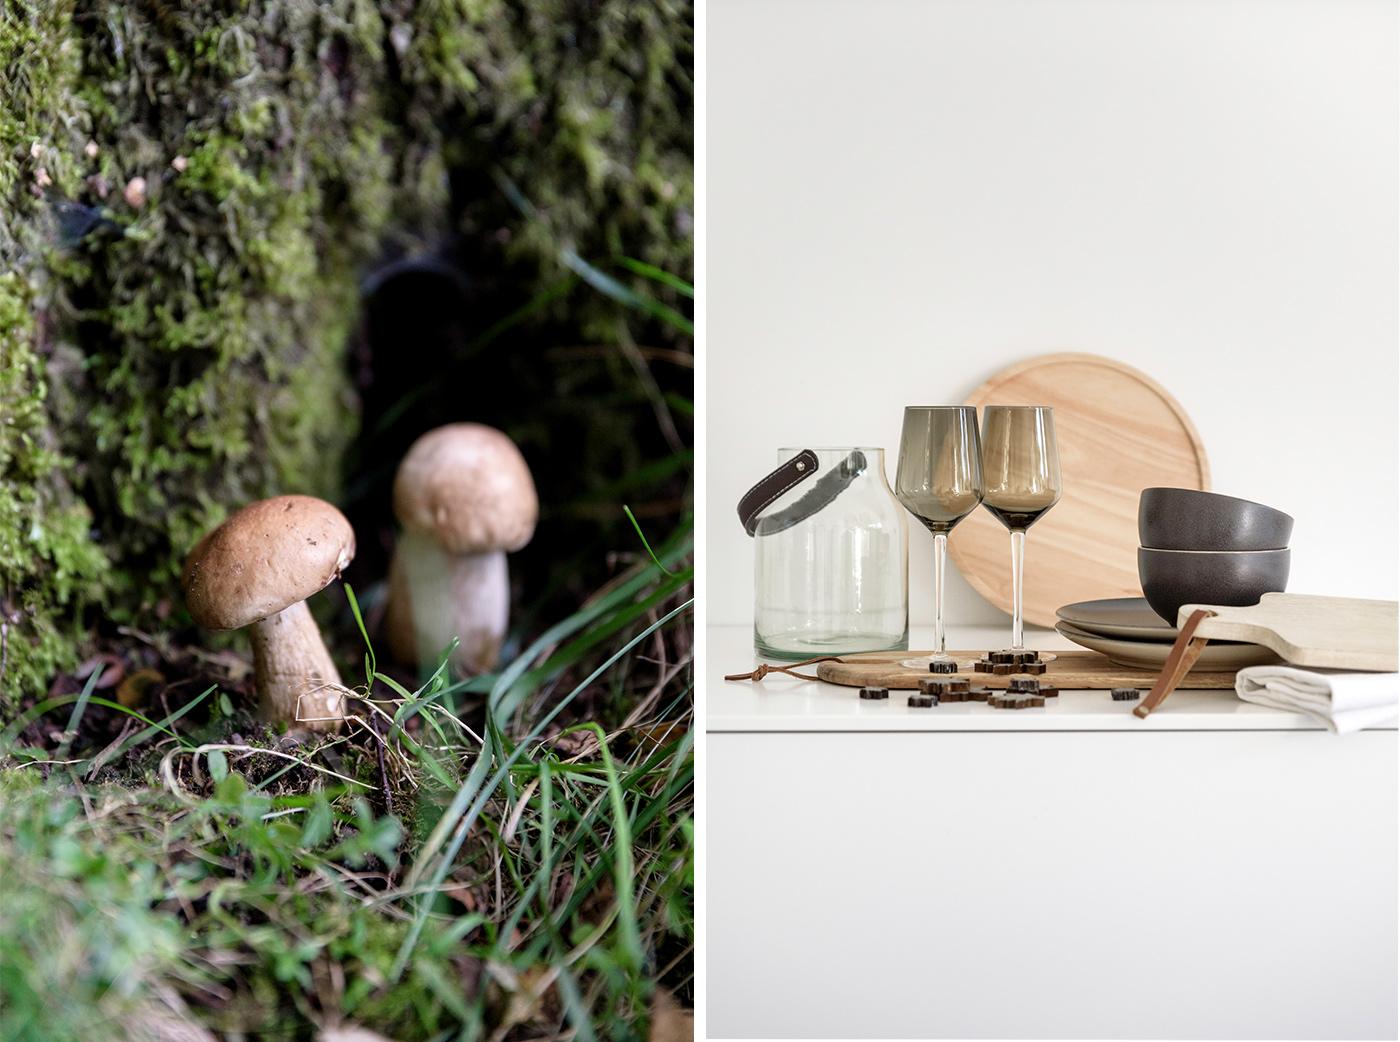 Pilze sammeln, das kann man beachten!